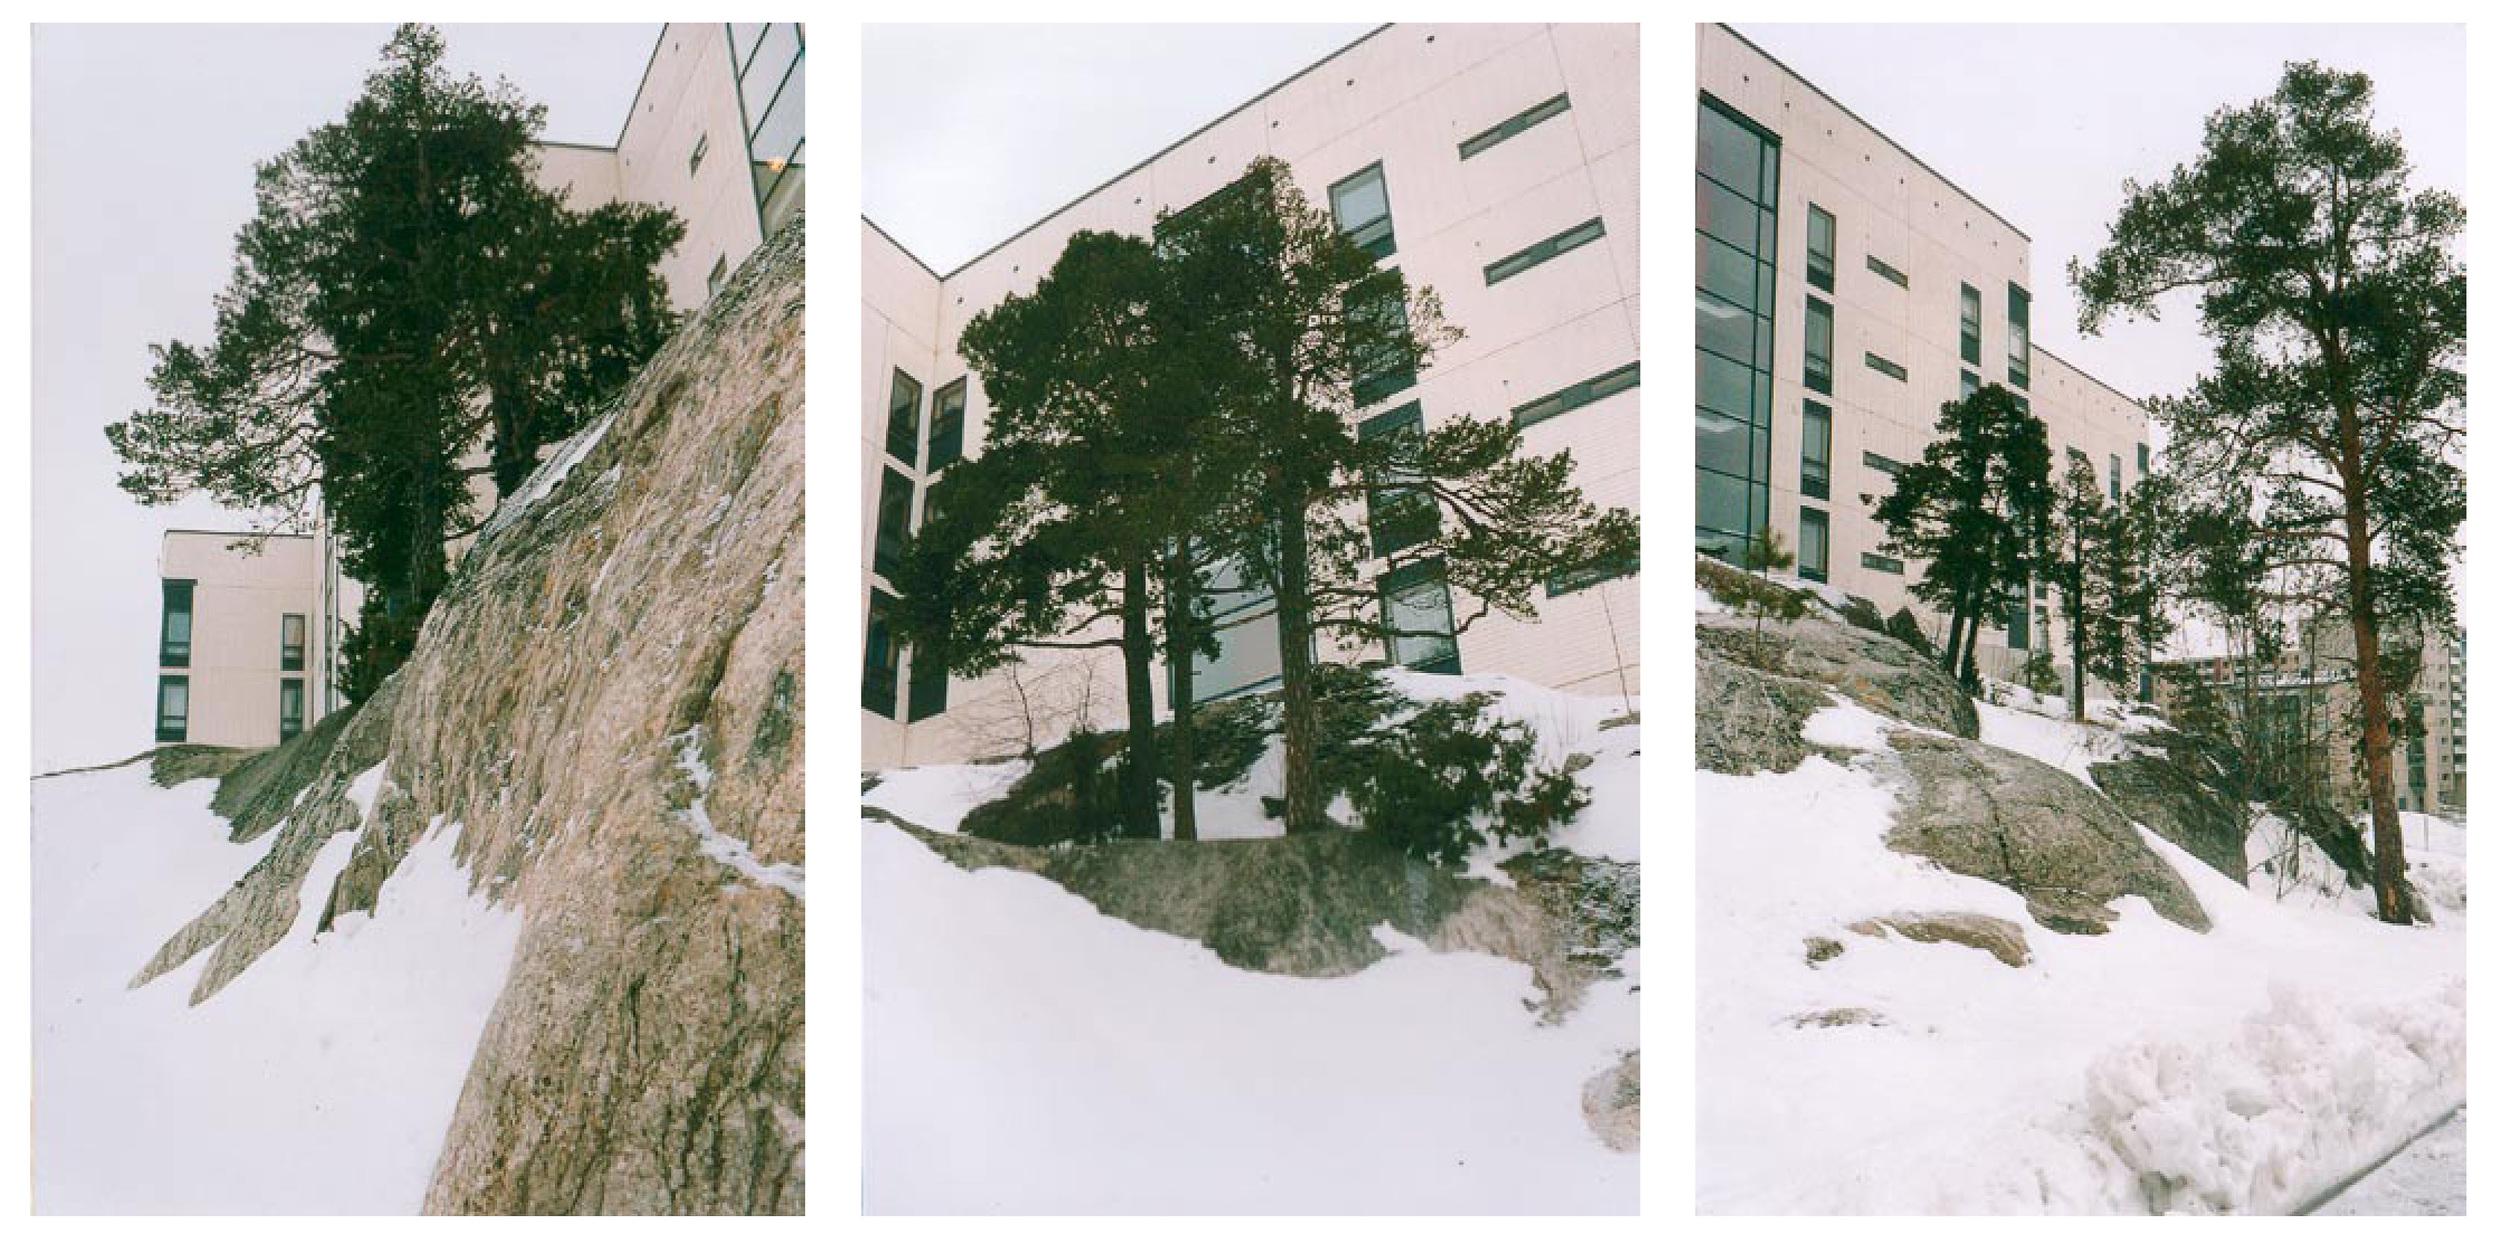 Jyrki Sinkkilä: The Viikinmäki Neighborhood, 1999 –